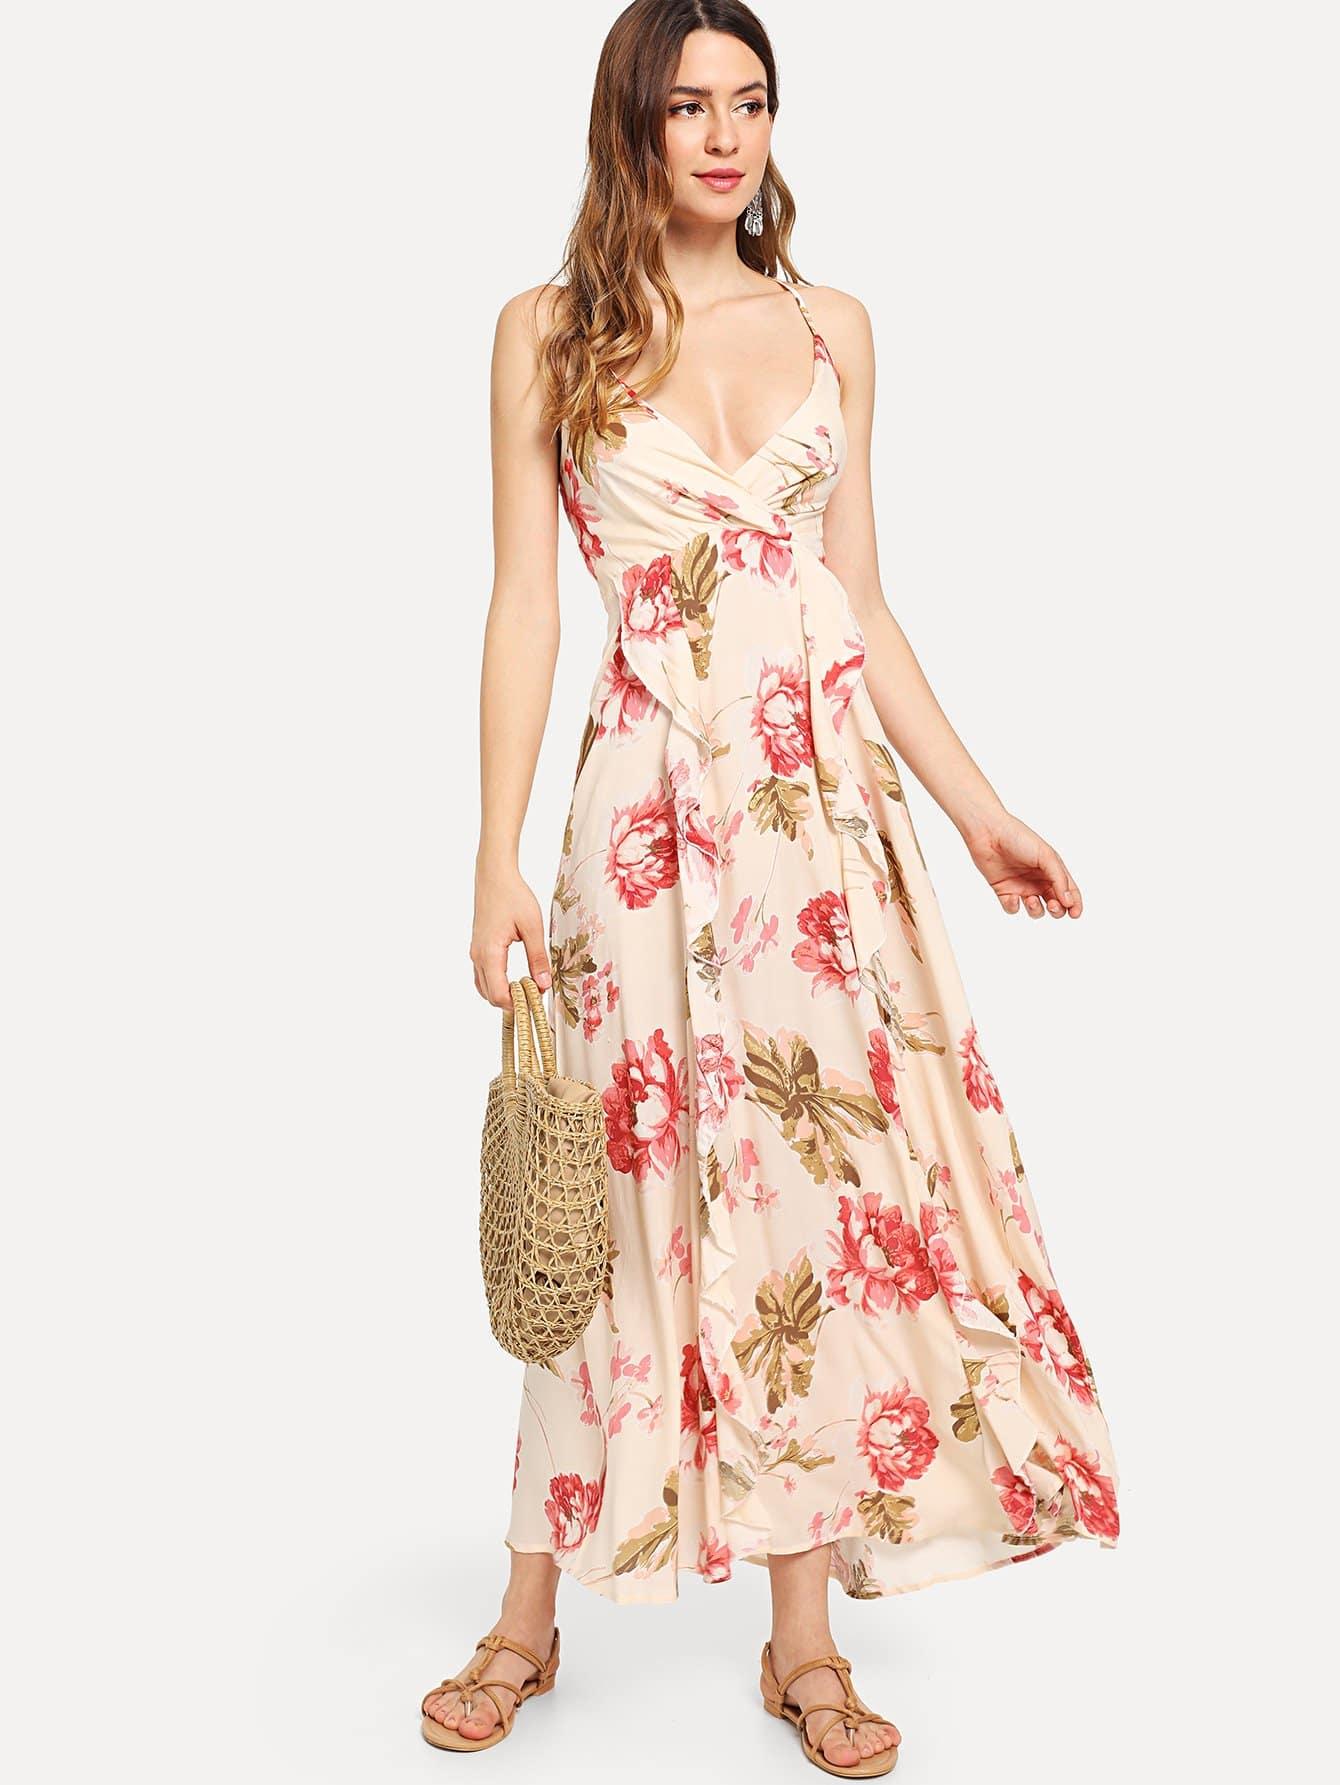 Criss Cross Open Back Ruffle Dress criss cross open back ruffle dress